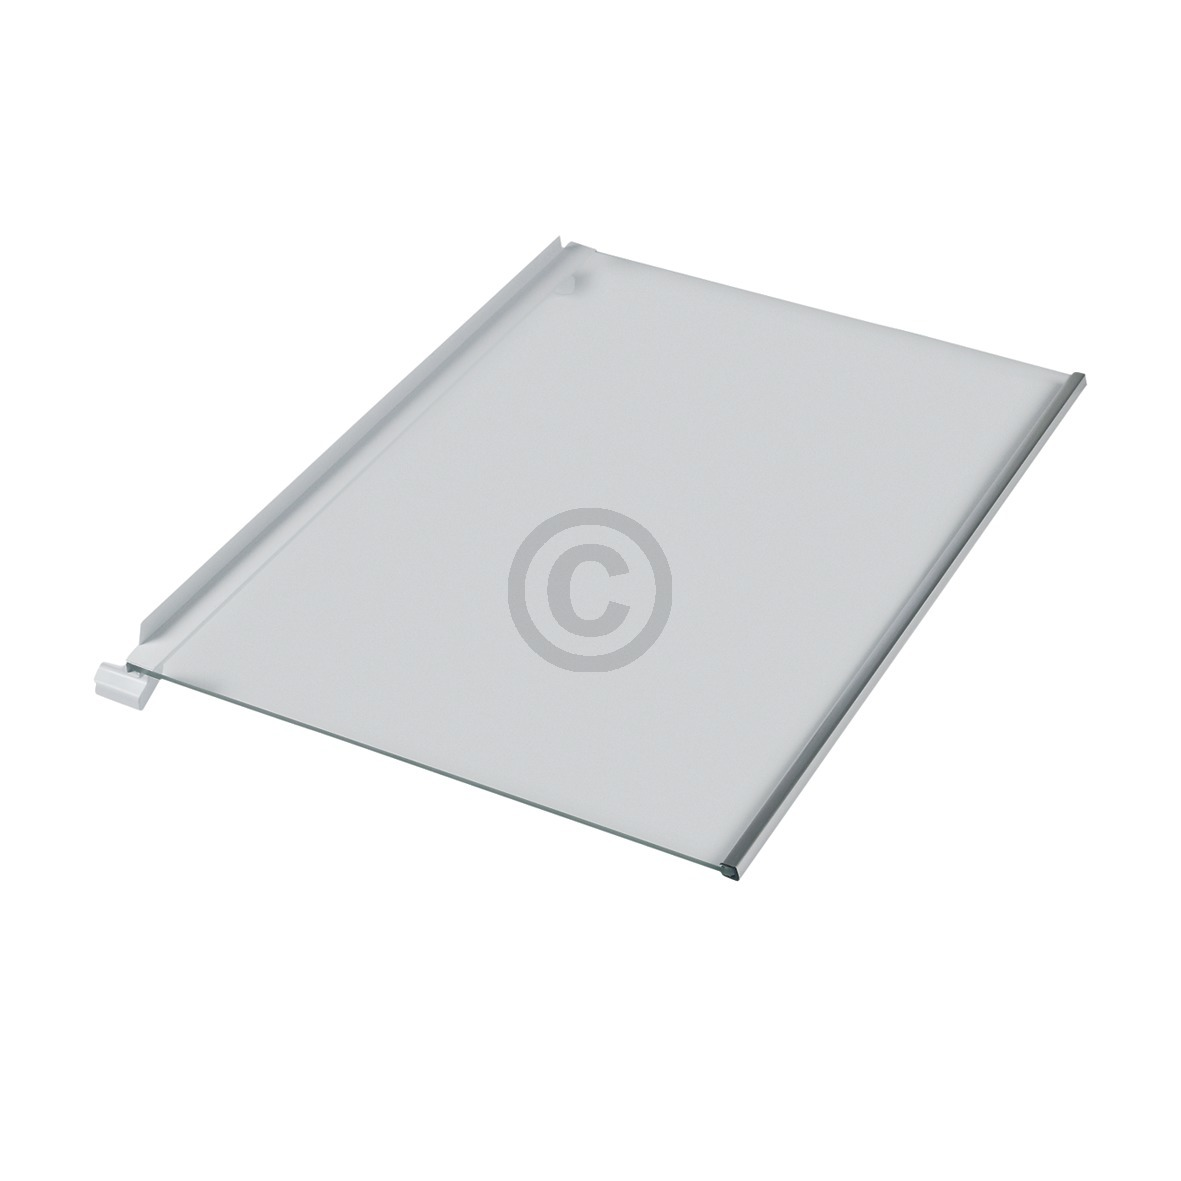 Glasplatte Bosch 00704757 458x350mm für Kühlteil Kühl-Gefrierkombination